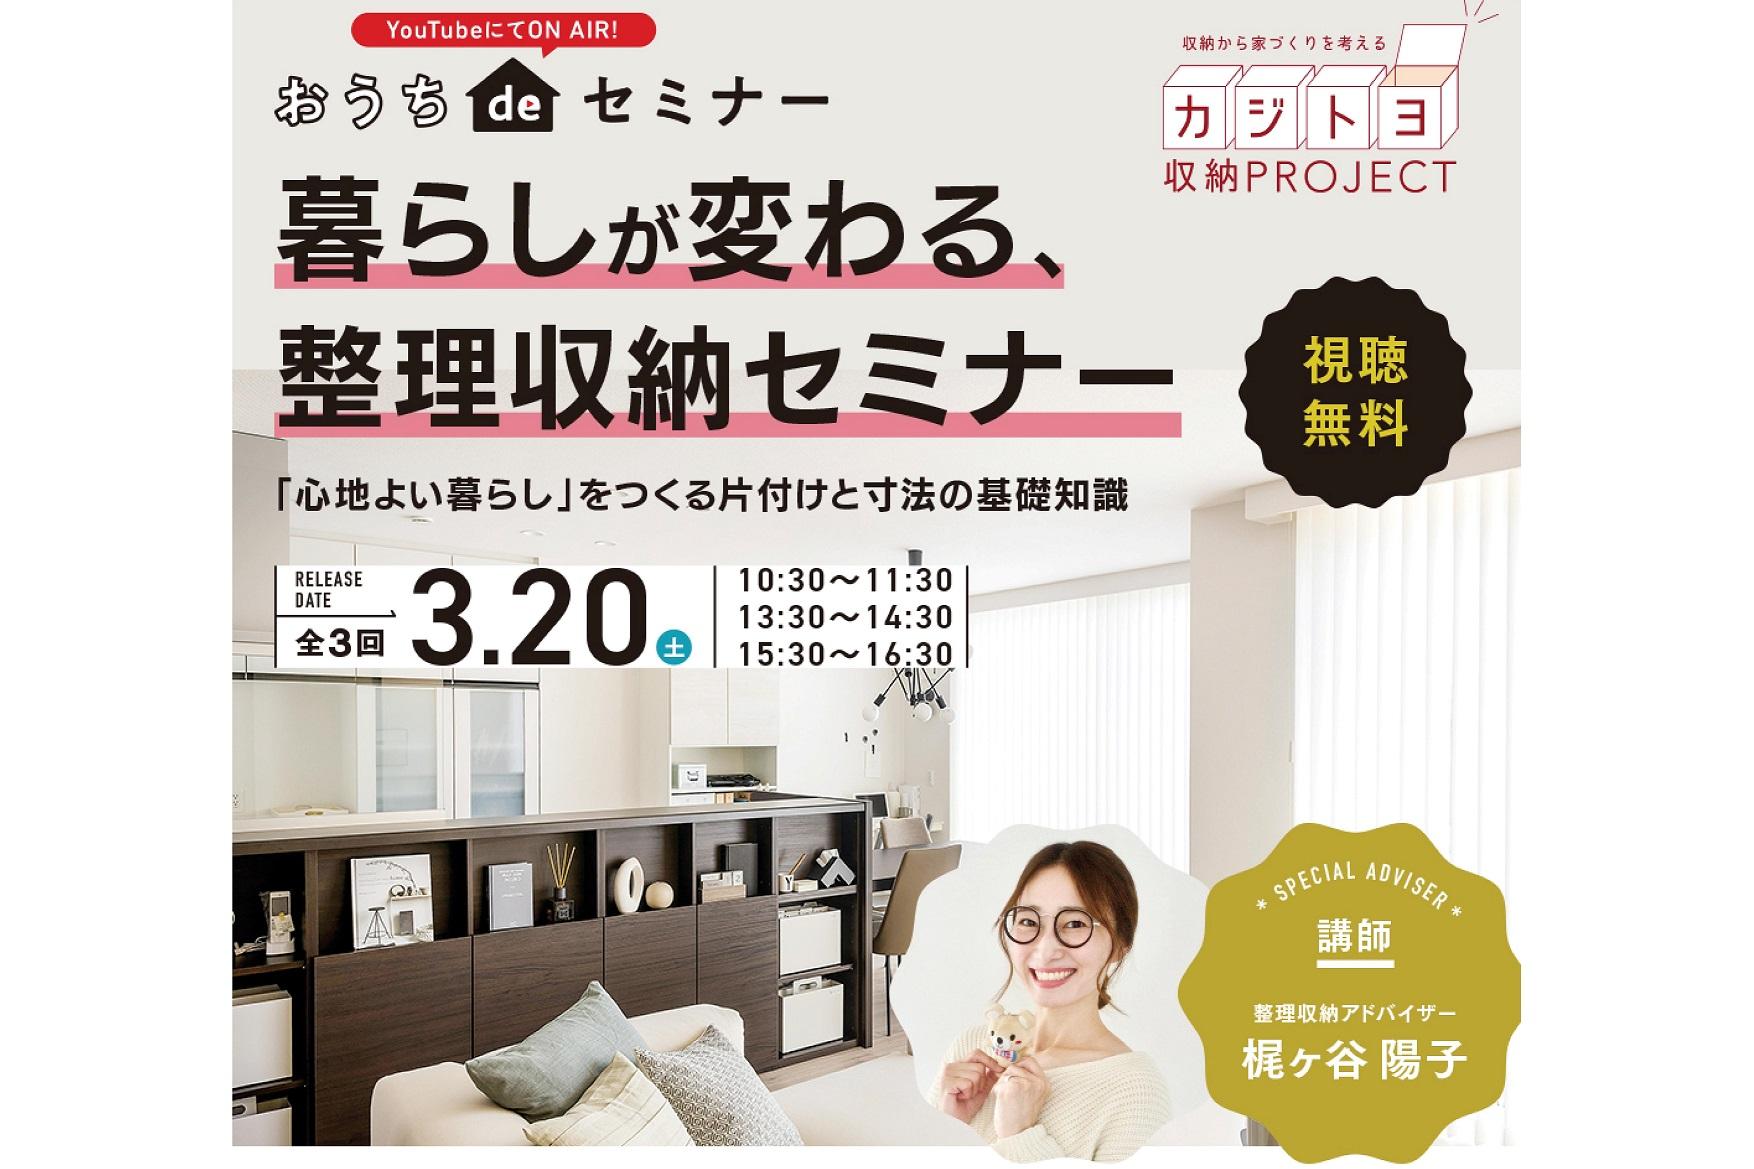 【おうちdeセミナー】暮らし方が変わる!整理収納セミナーサムネイル画像